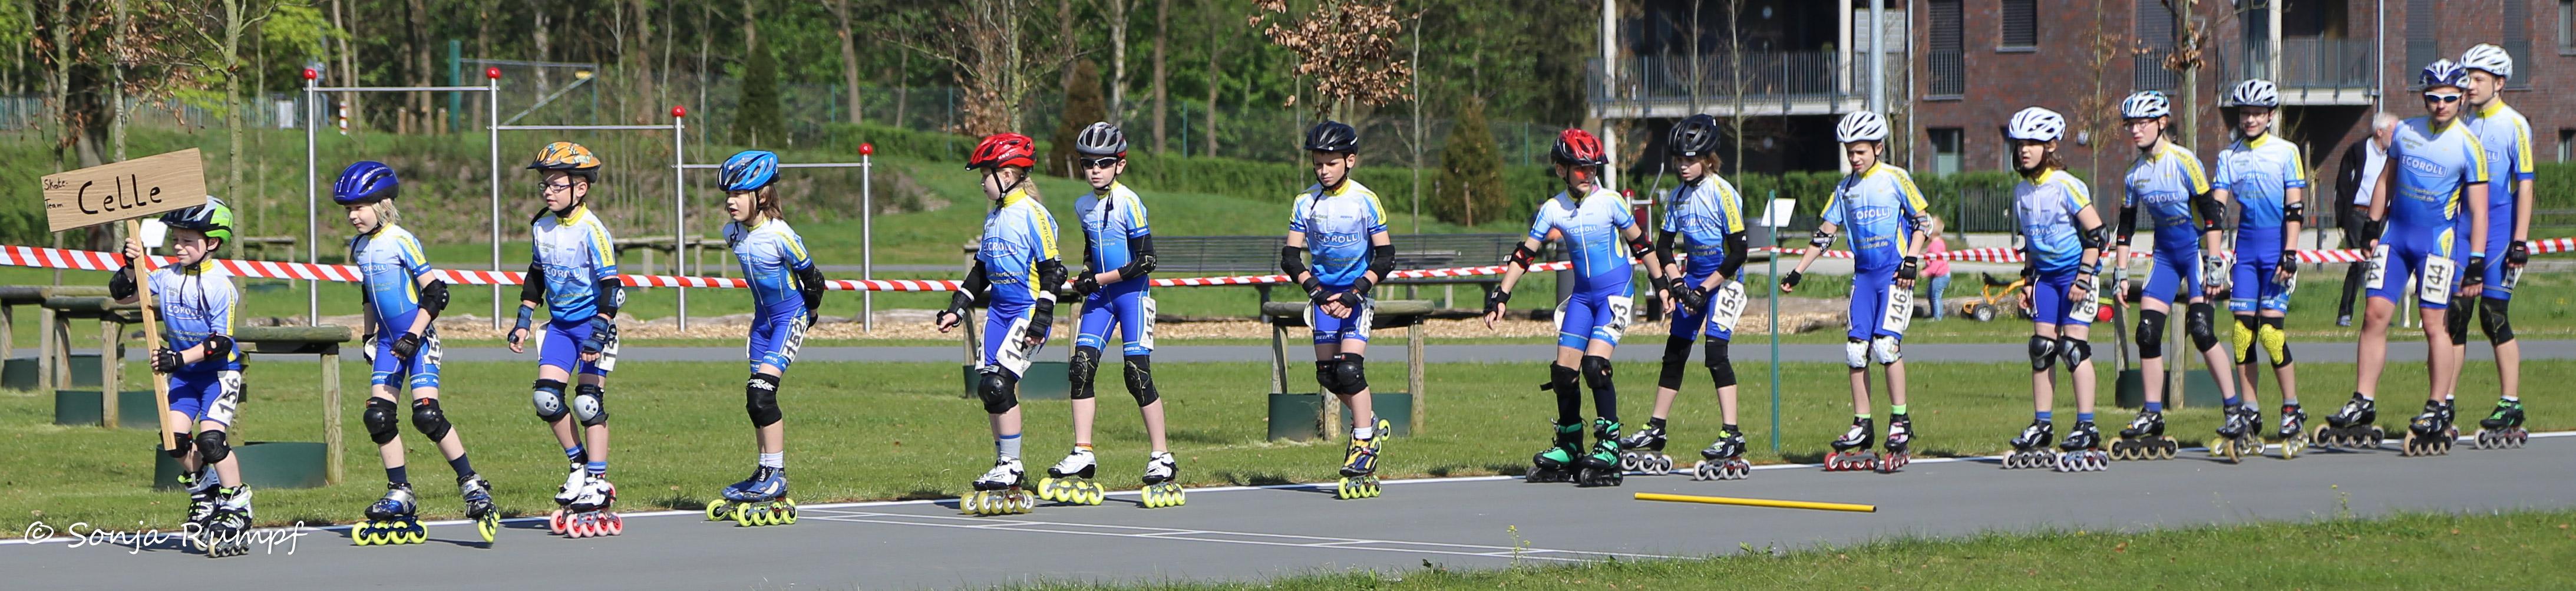 Skate-Team Celle e. V.